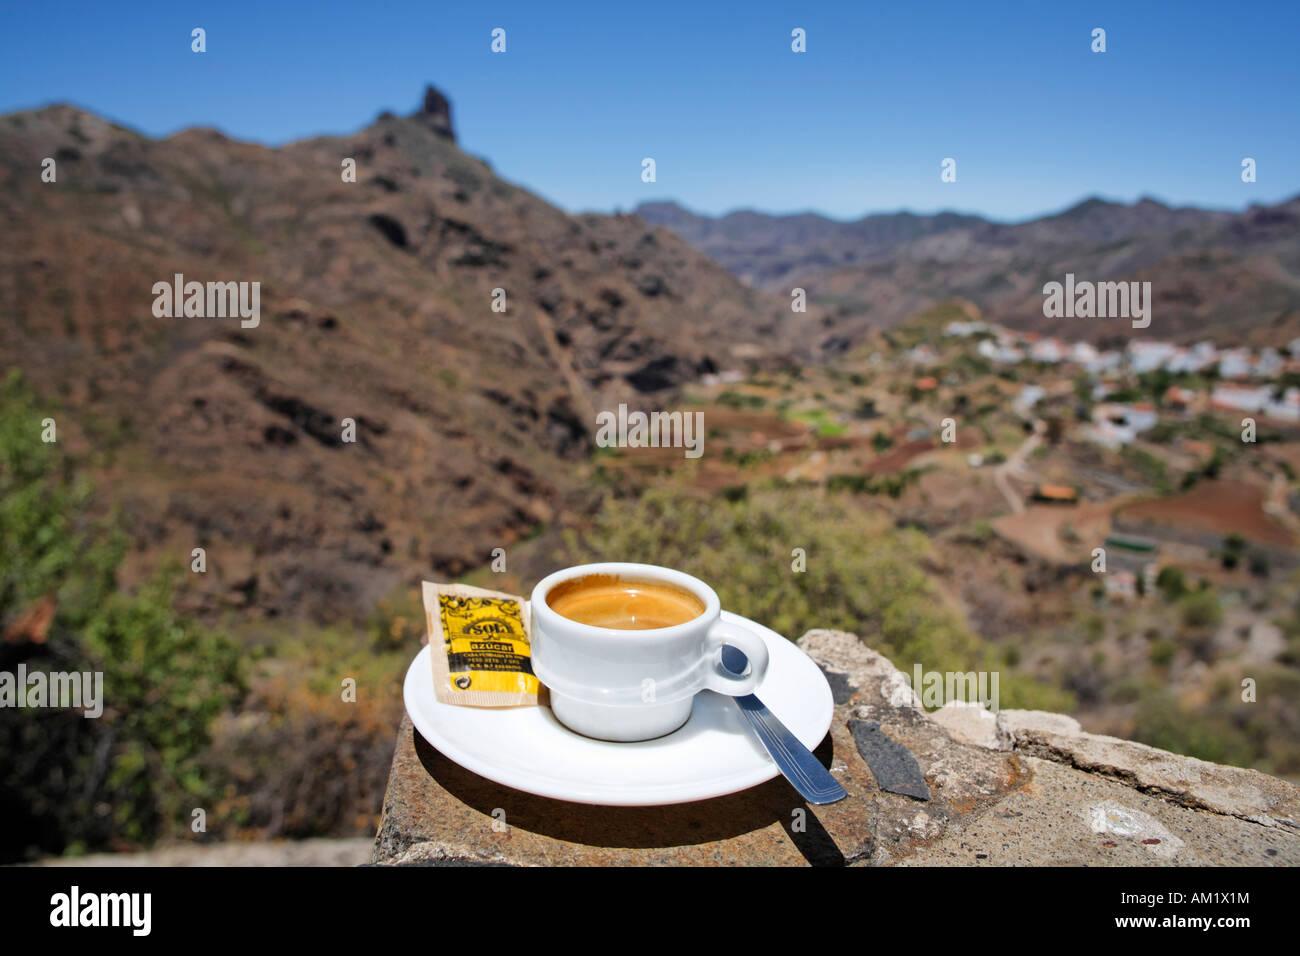 Cafe solo, Tejeda, Gran Canaria, Spain - Stock Image